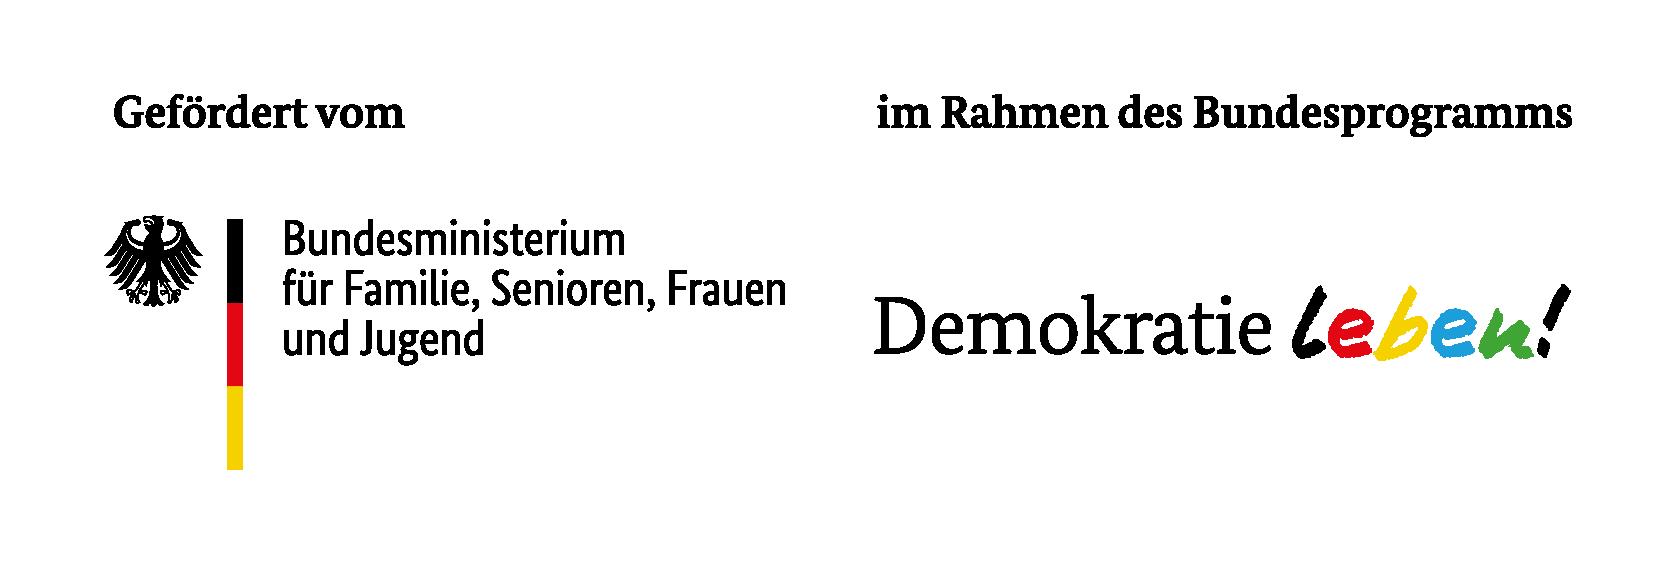 Logo des Bundesministeriums für Familie, Senioren, Frauen und Jugend; sowie des Bundeprogramms Demokratie leben!